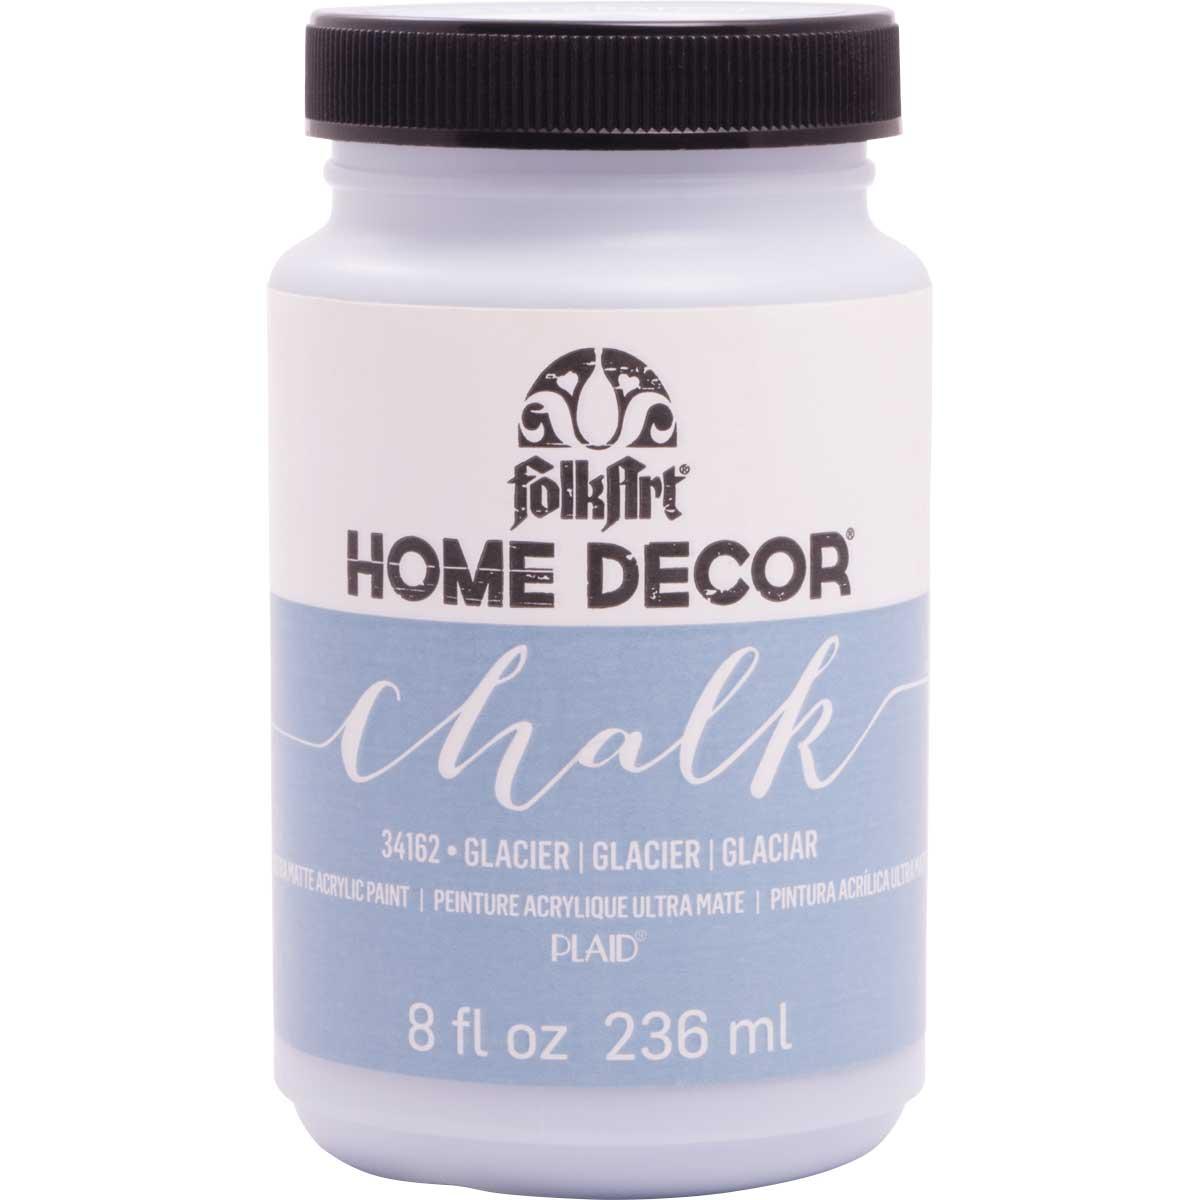 FolkArt ® Home Decor™ Chalk - Glacier, 8 oz.